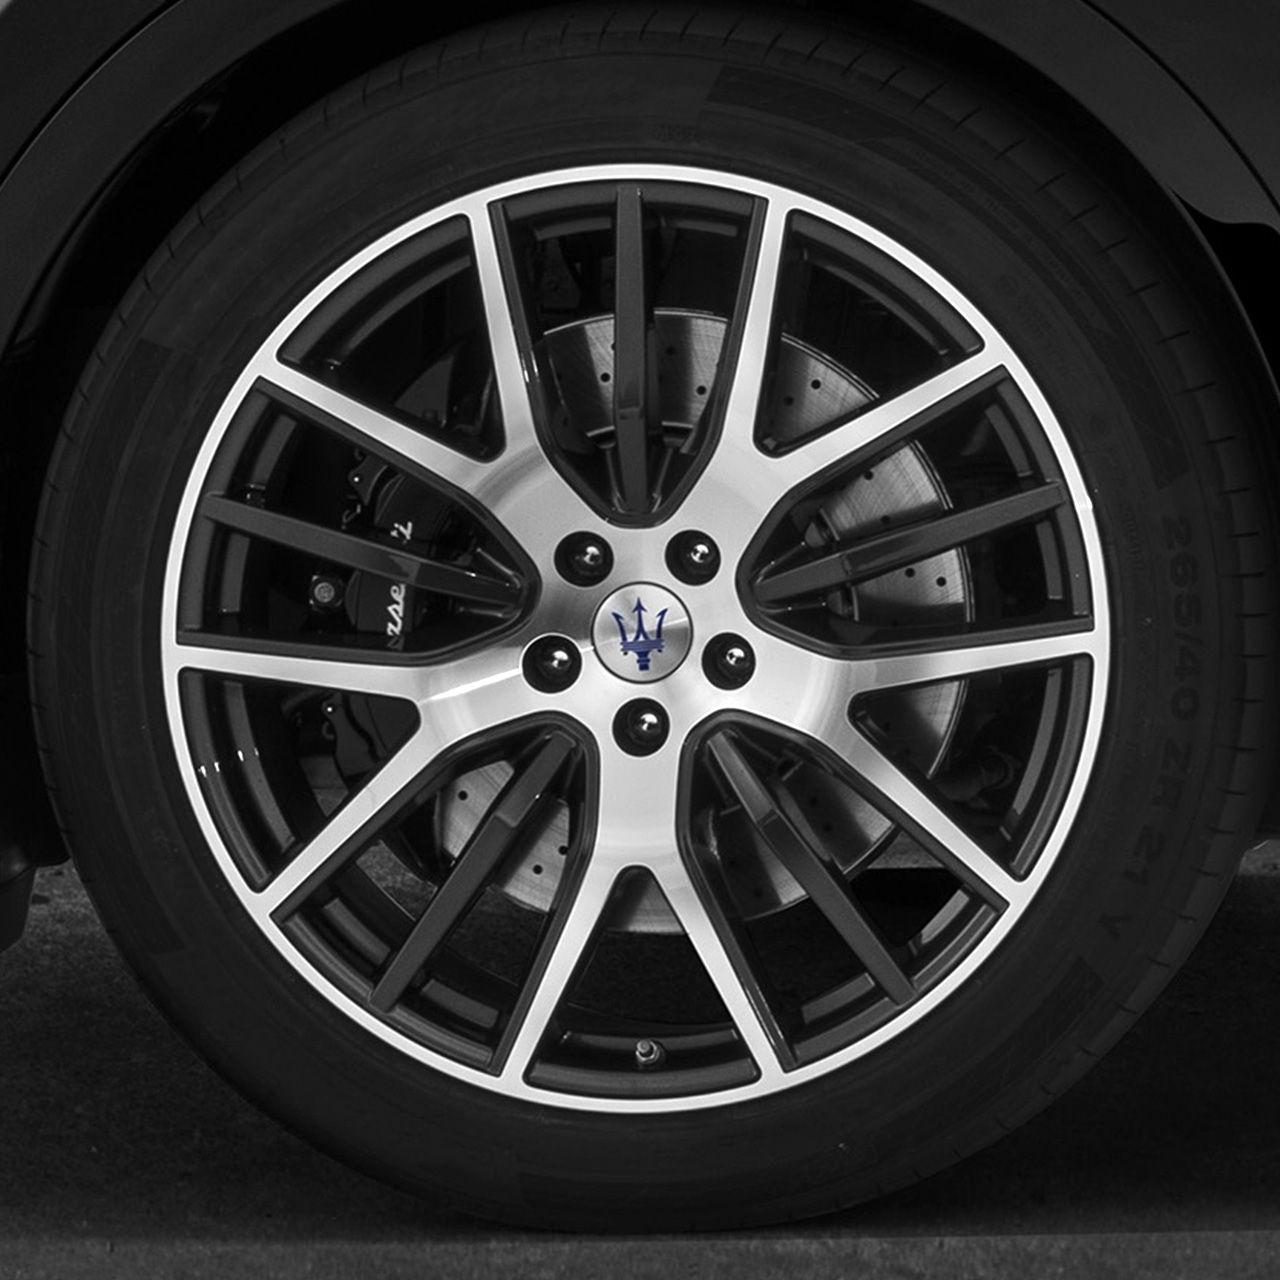 Maserati Levante - Rad, Felge und Reifen Detail